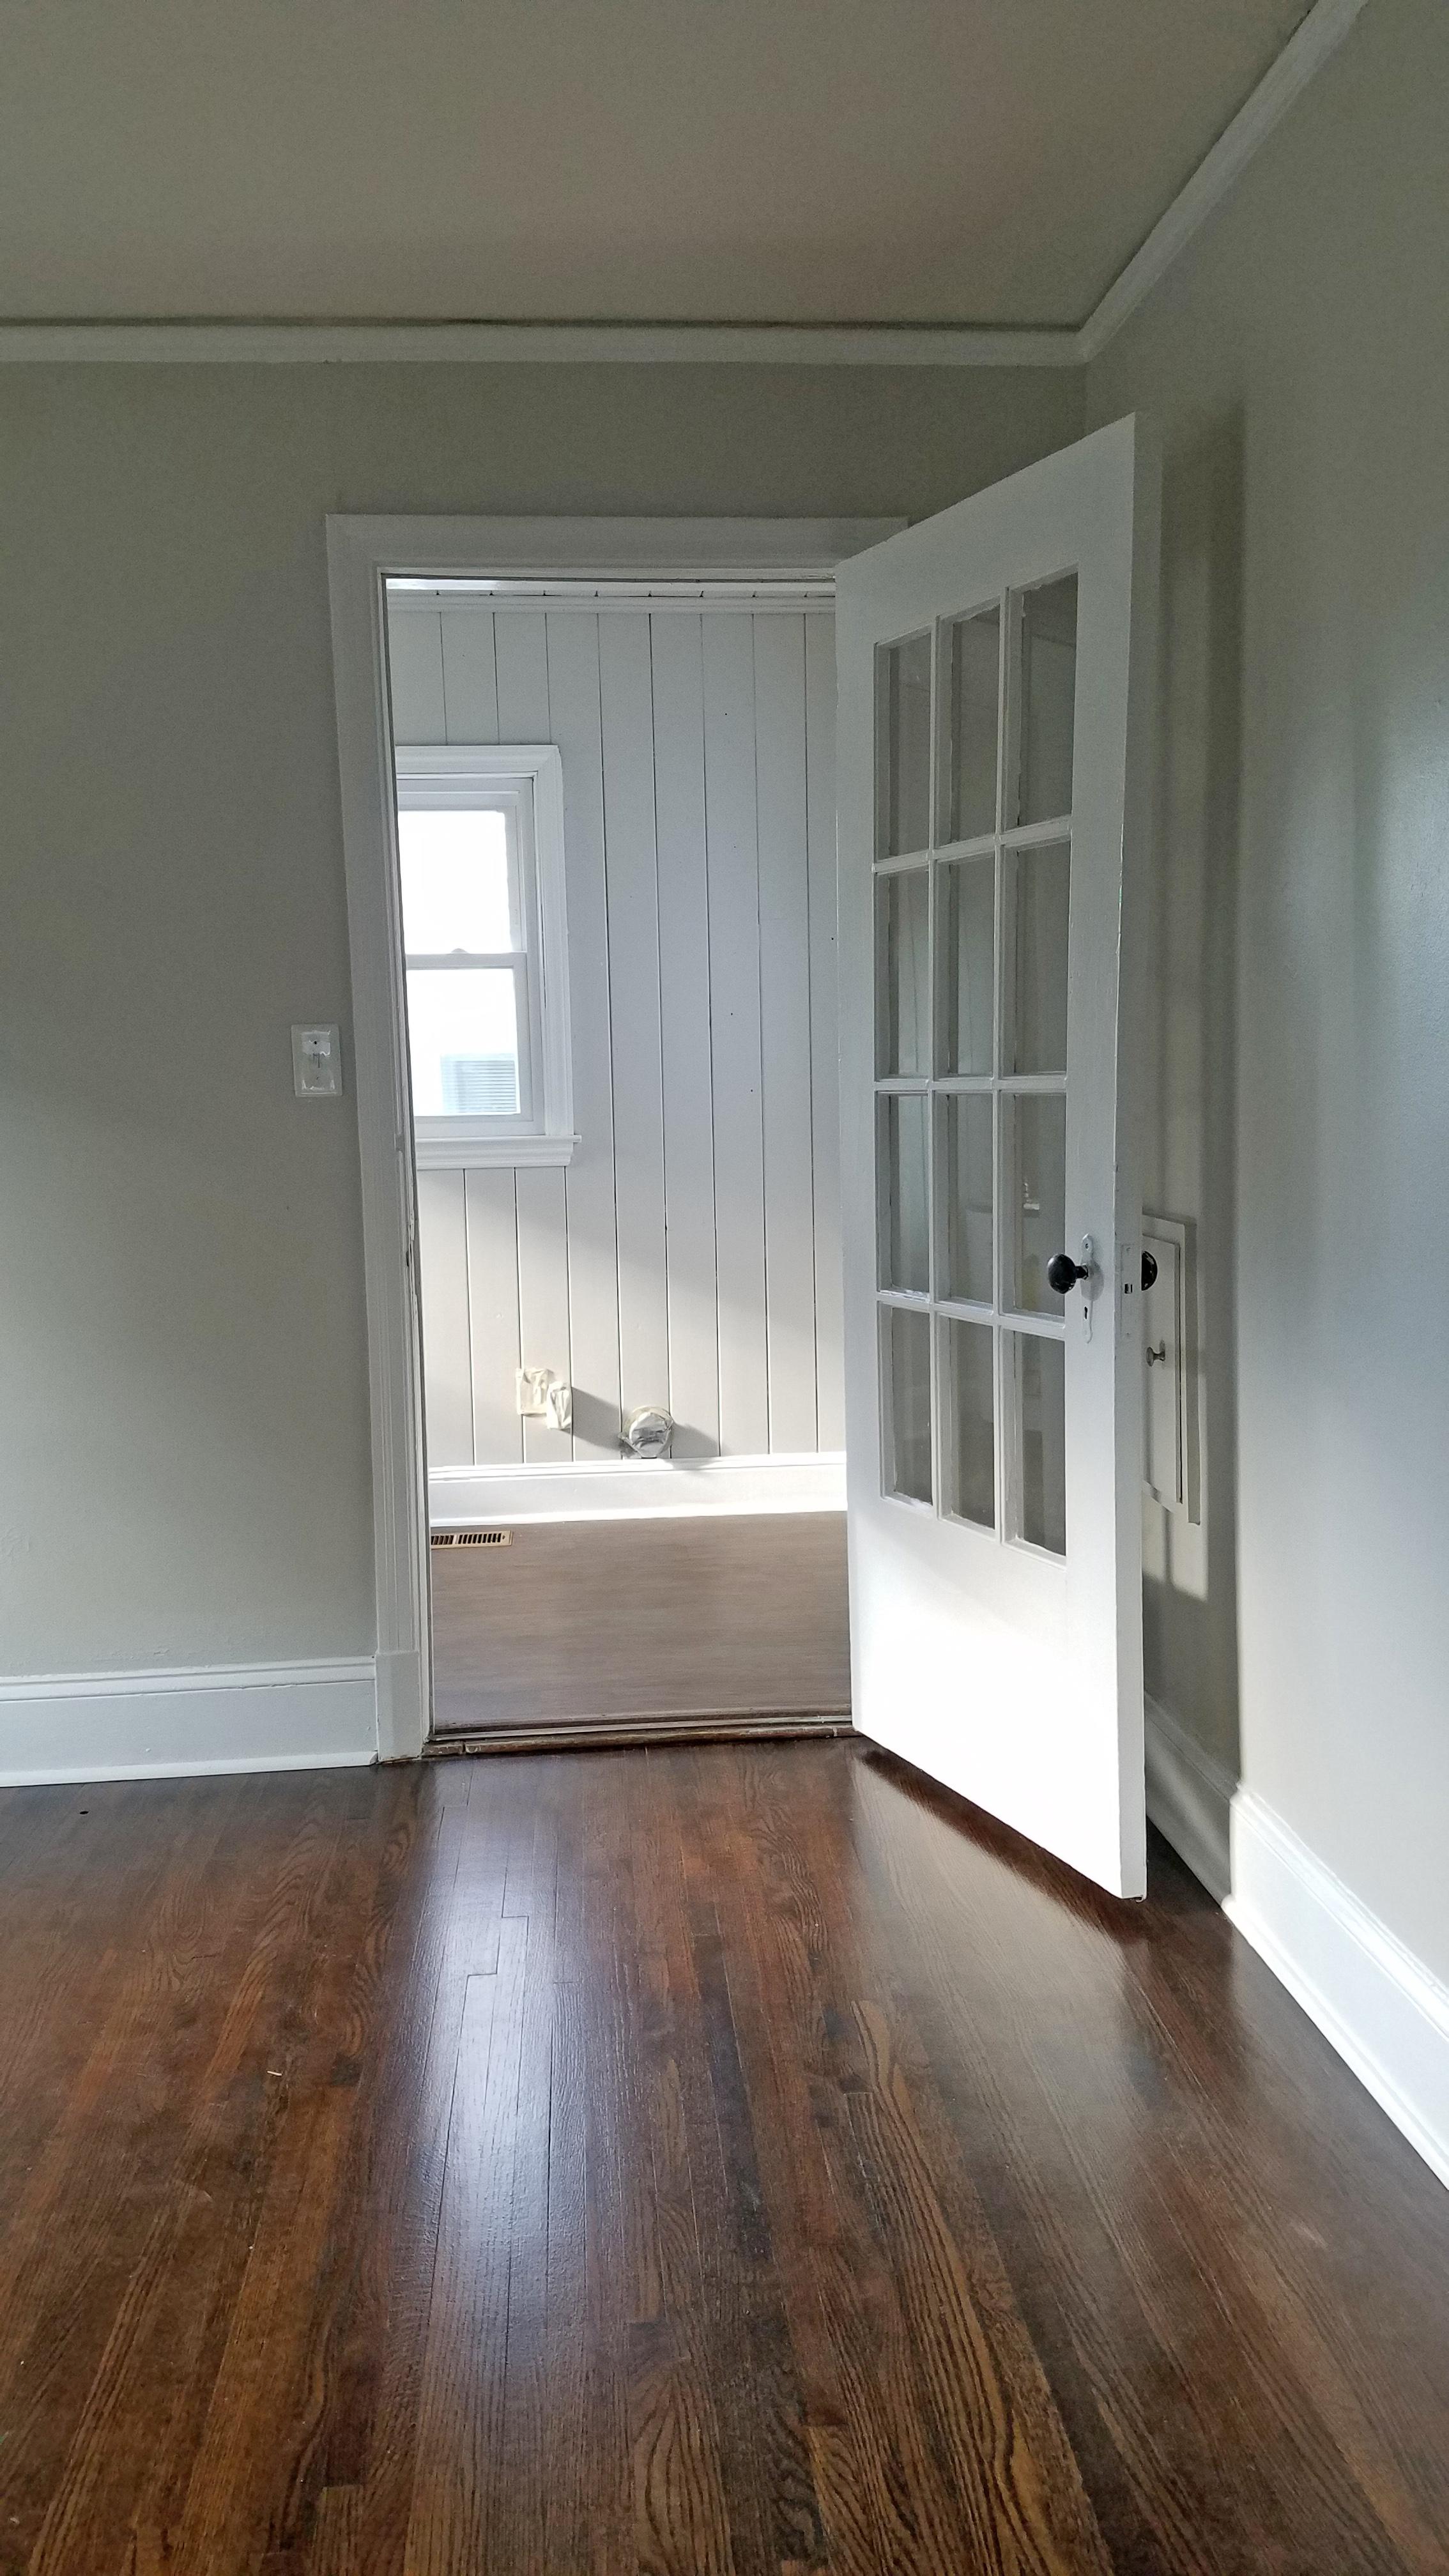 Haymount Homes Glenville House Laundry door.jpg